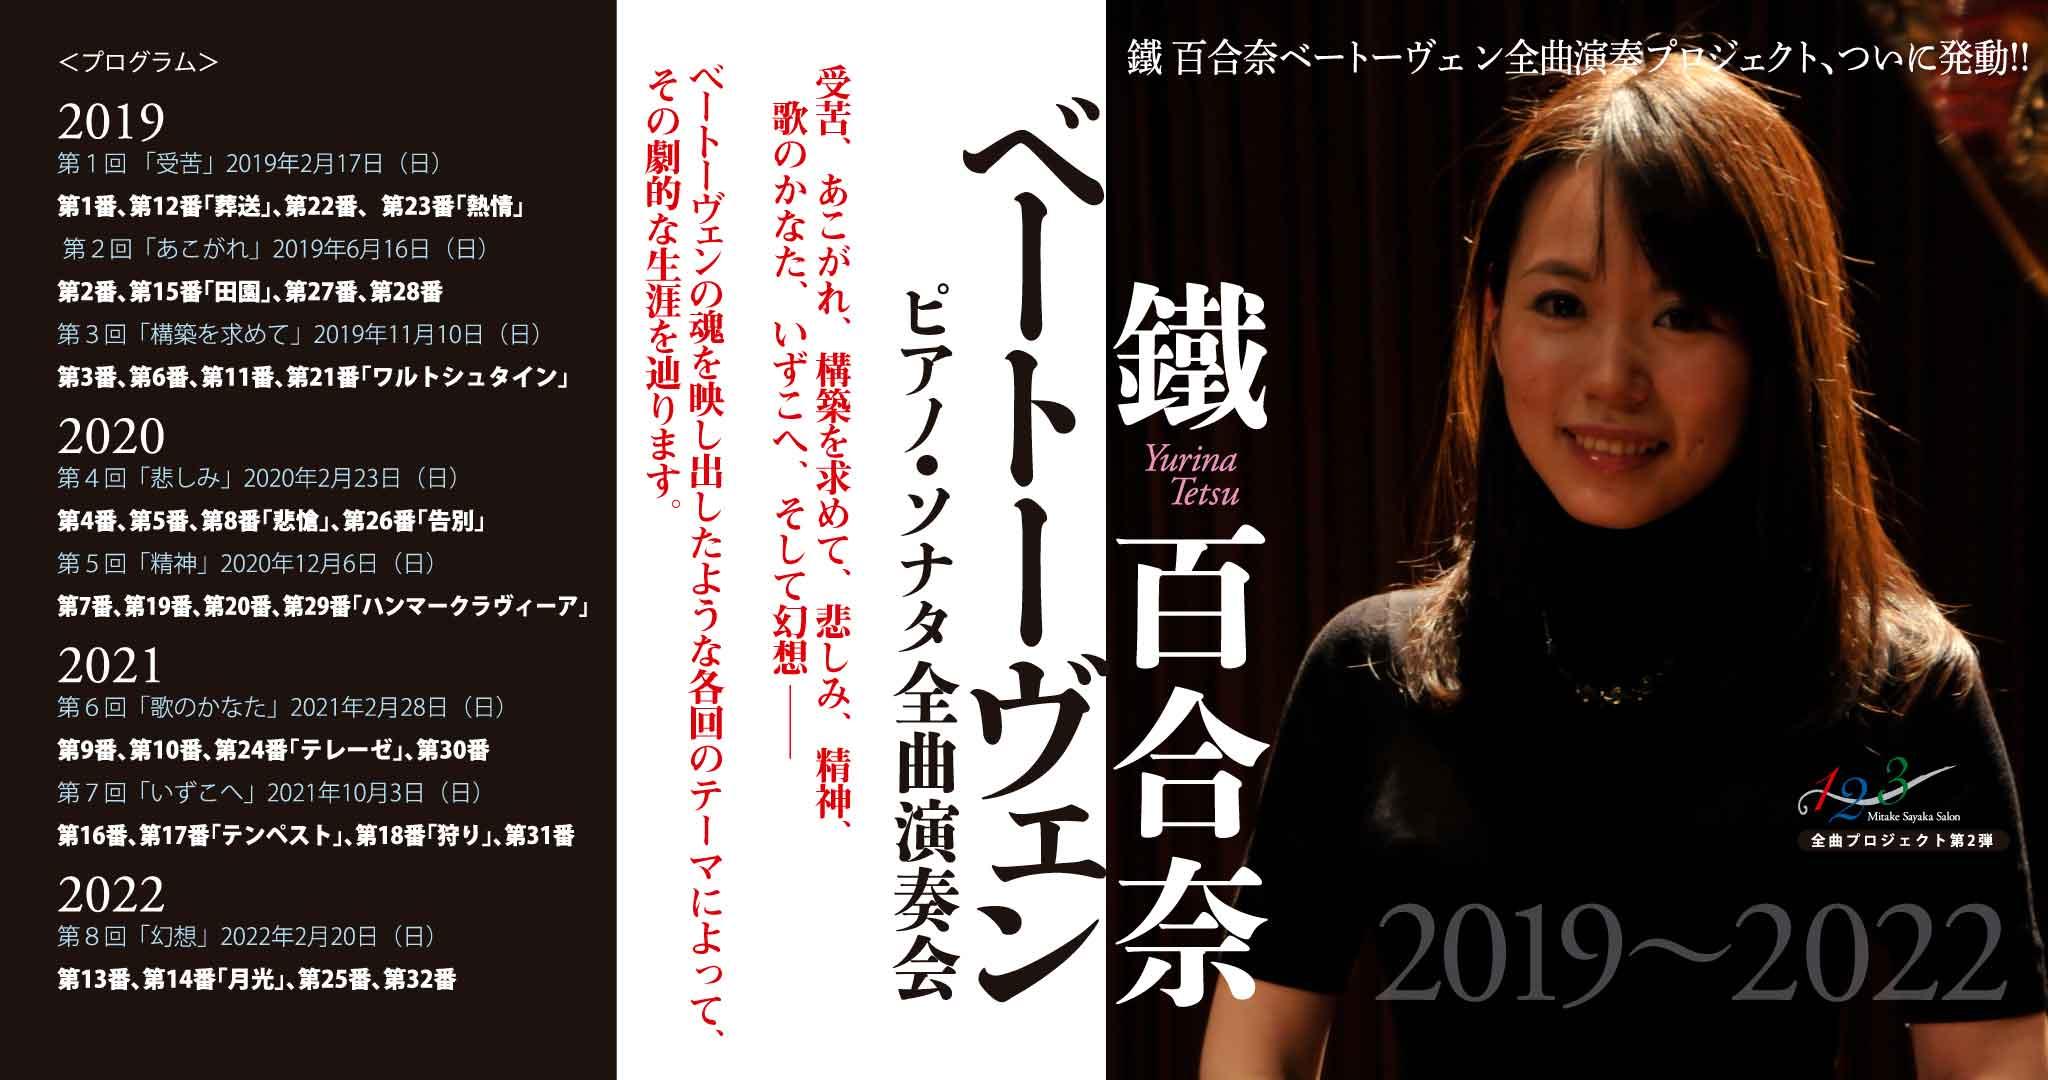 2月17日18:00~ 鐵百合奈ベートーヴェン ピアノ・ソナタ全曲演奏会<第1回>「受苦」